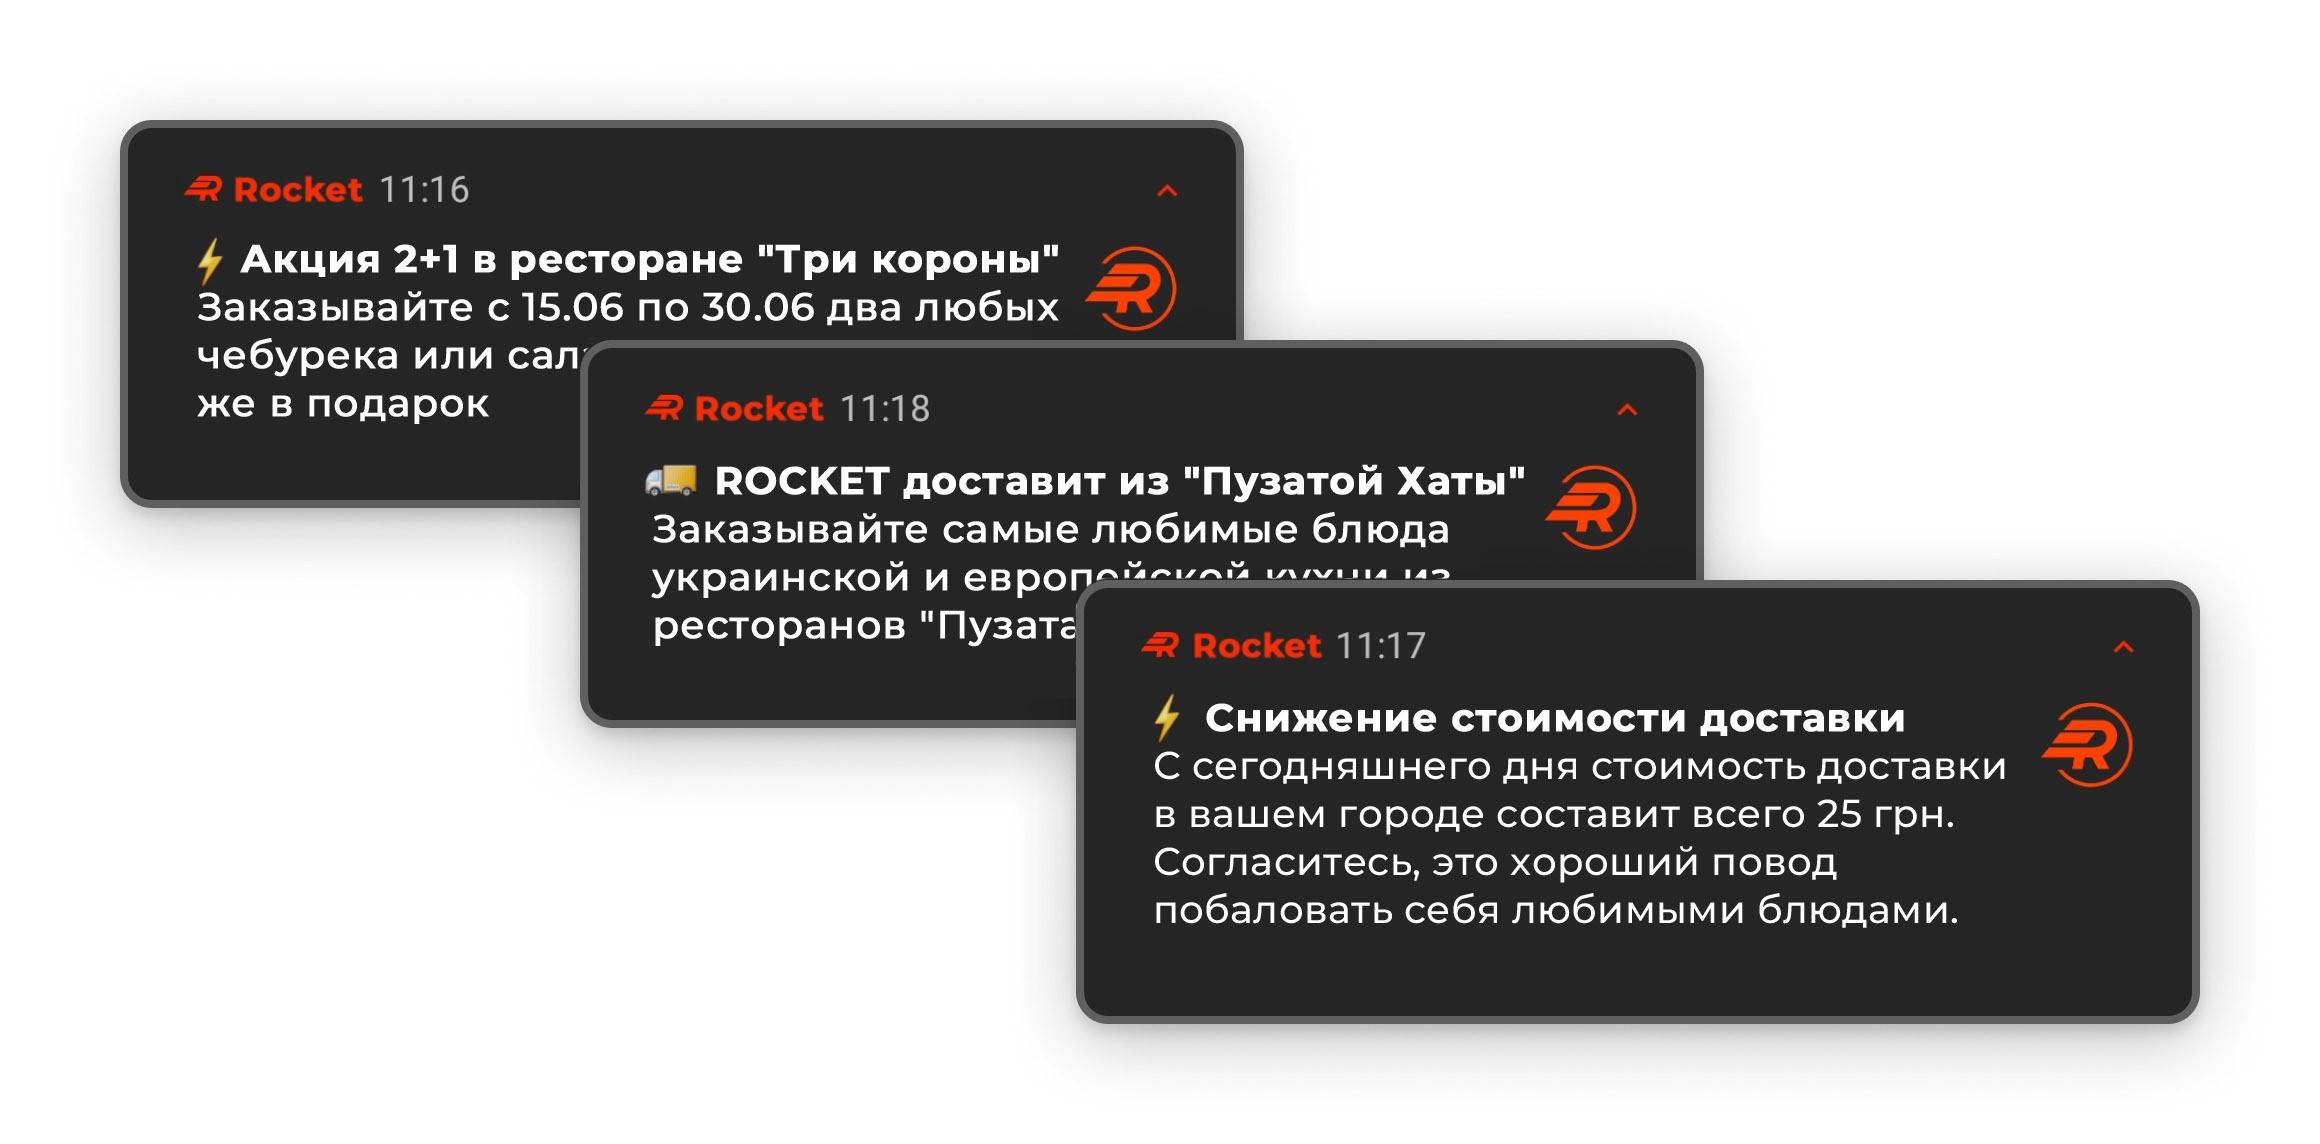 Пример отправляемых уведомлений